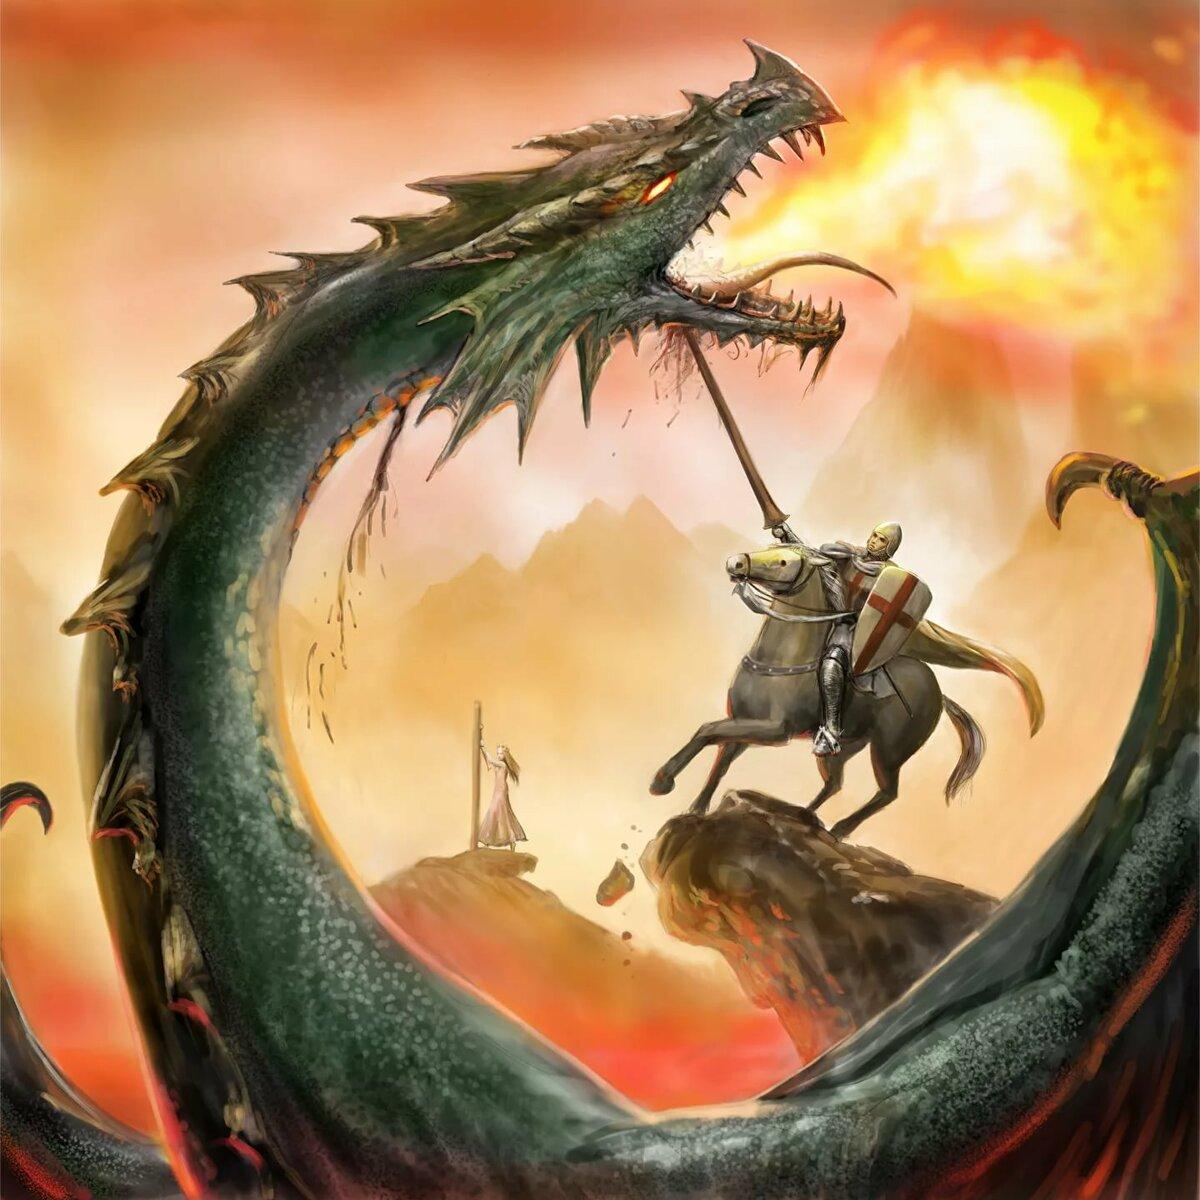 правило, этот картинки драконы в сражениях короткие необыкновенные поздравления